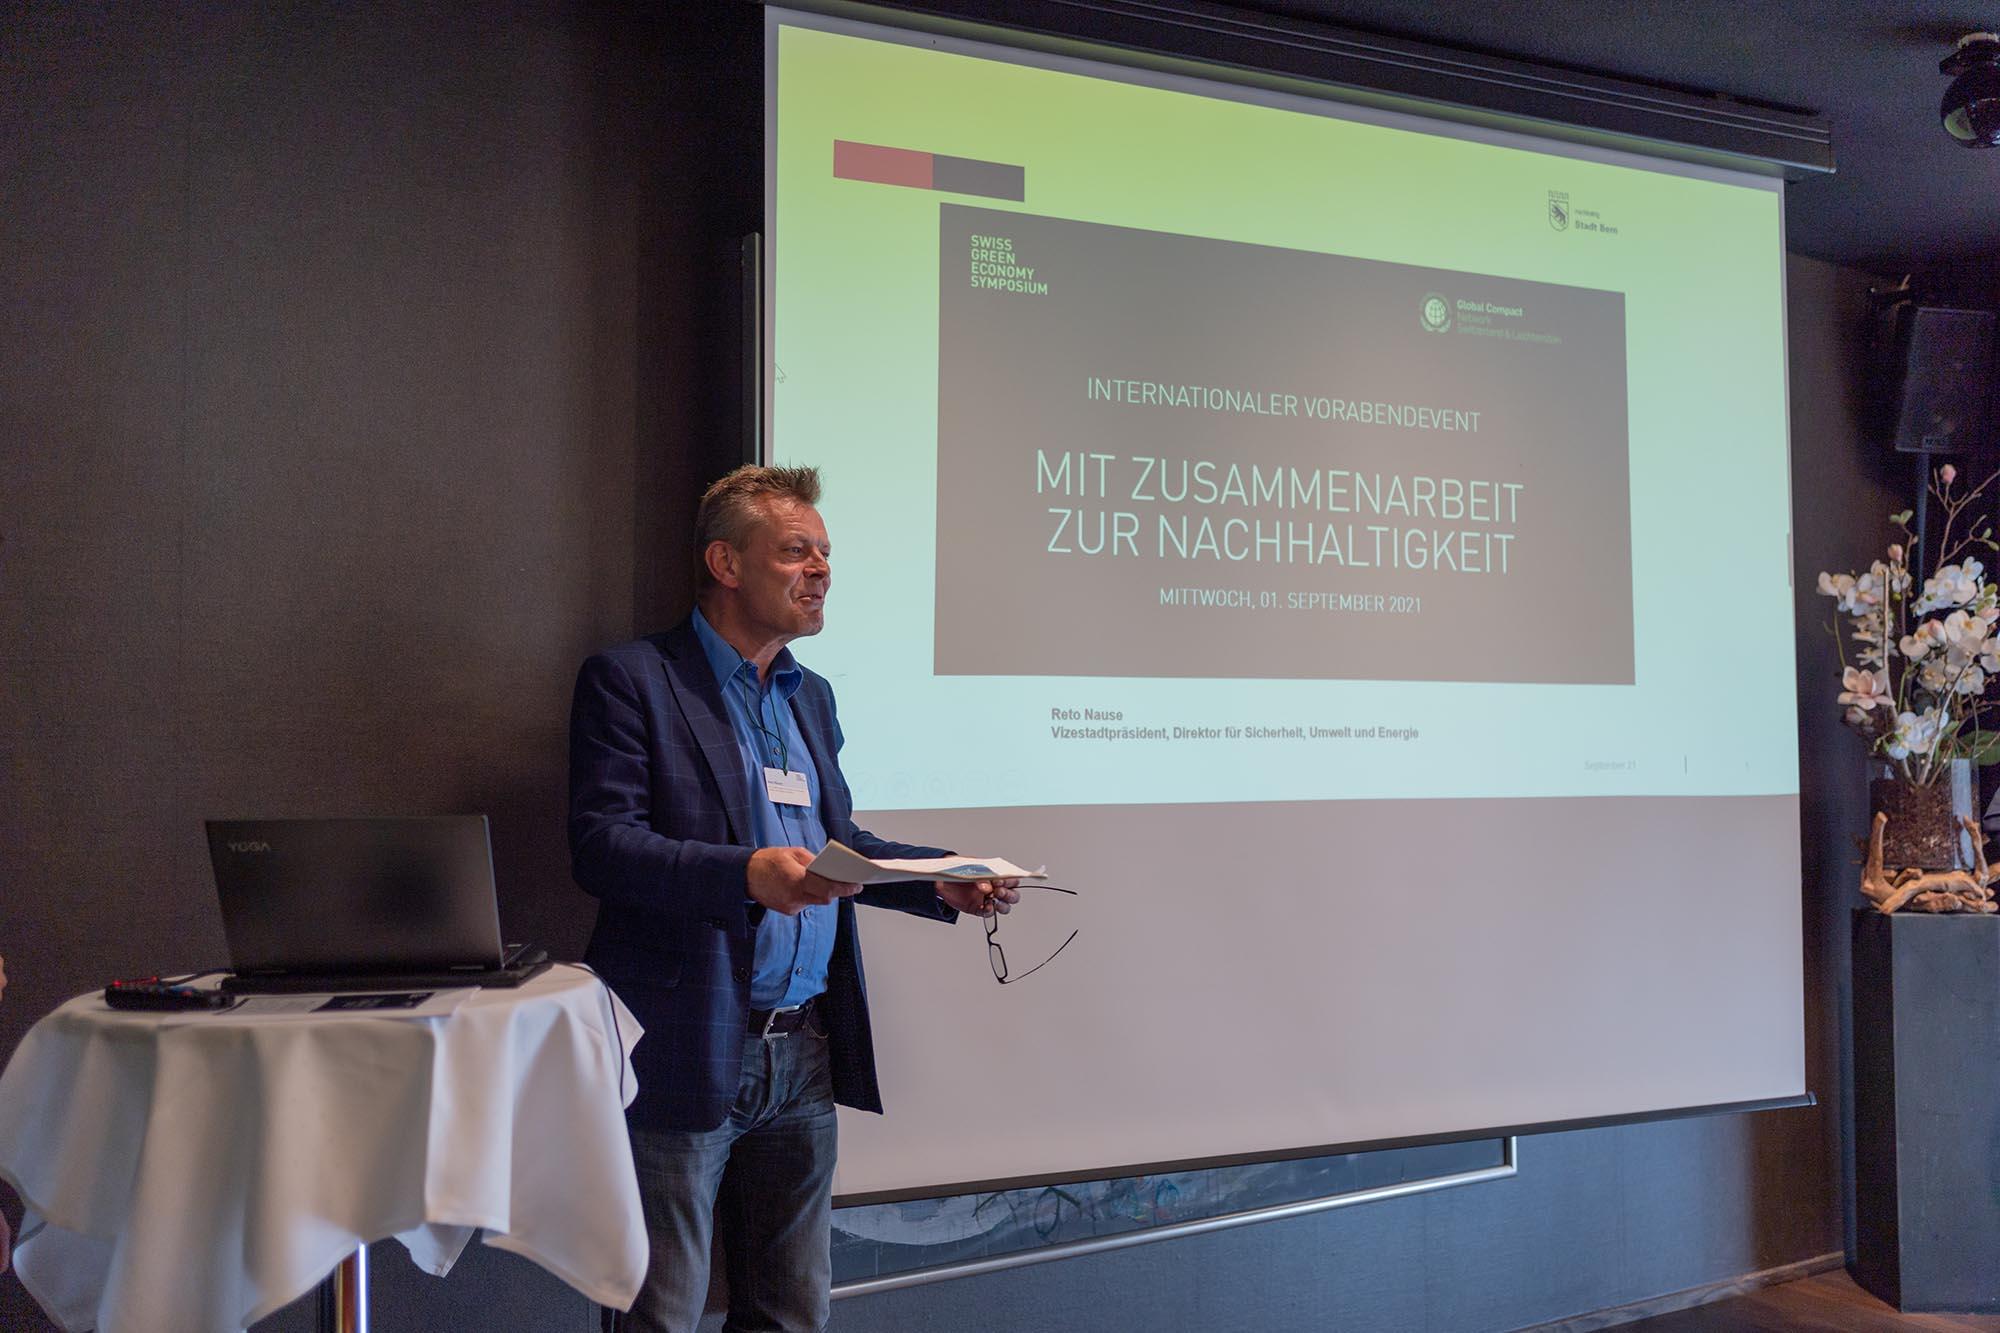 Vorabend: Reto Nause, Vize-Stadtpräsident und Direktor für Sicherheit, Umwelt und Energie, Stadt Bern